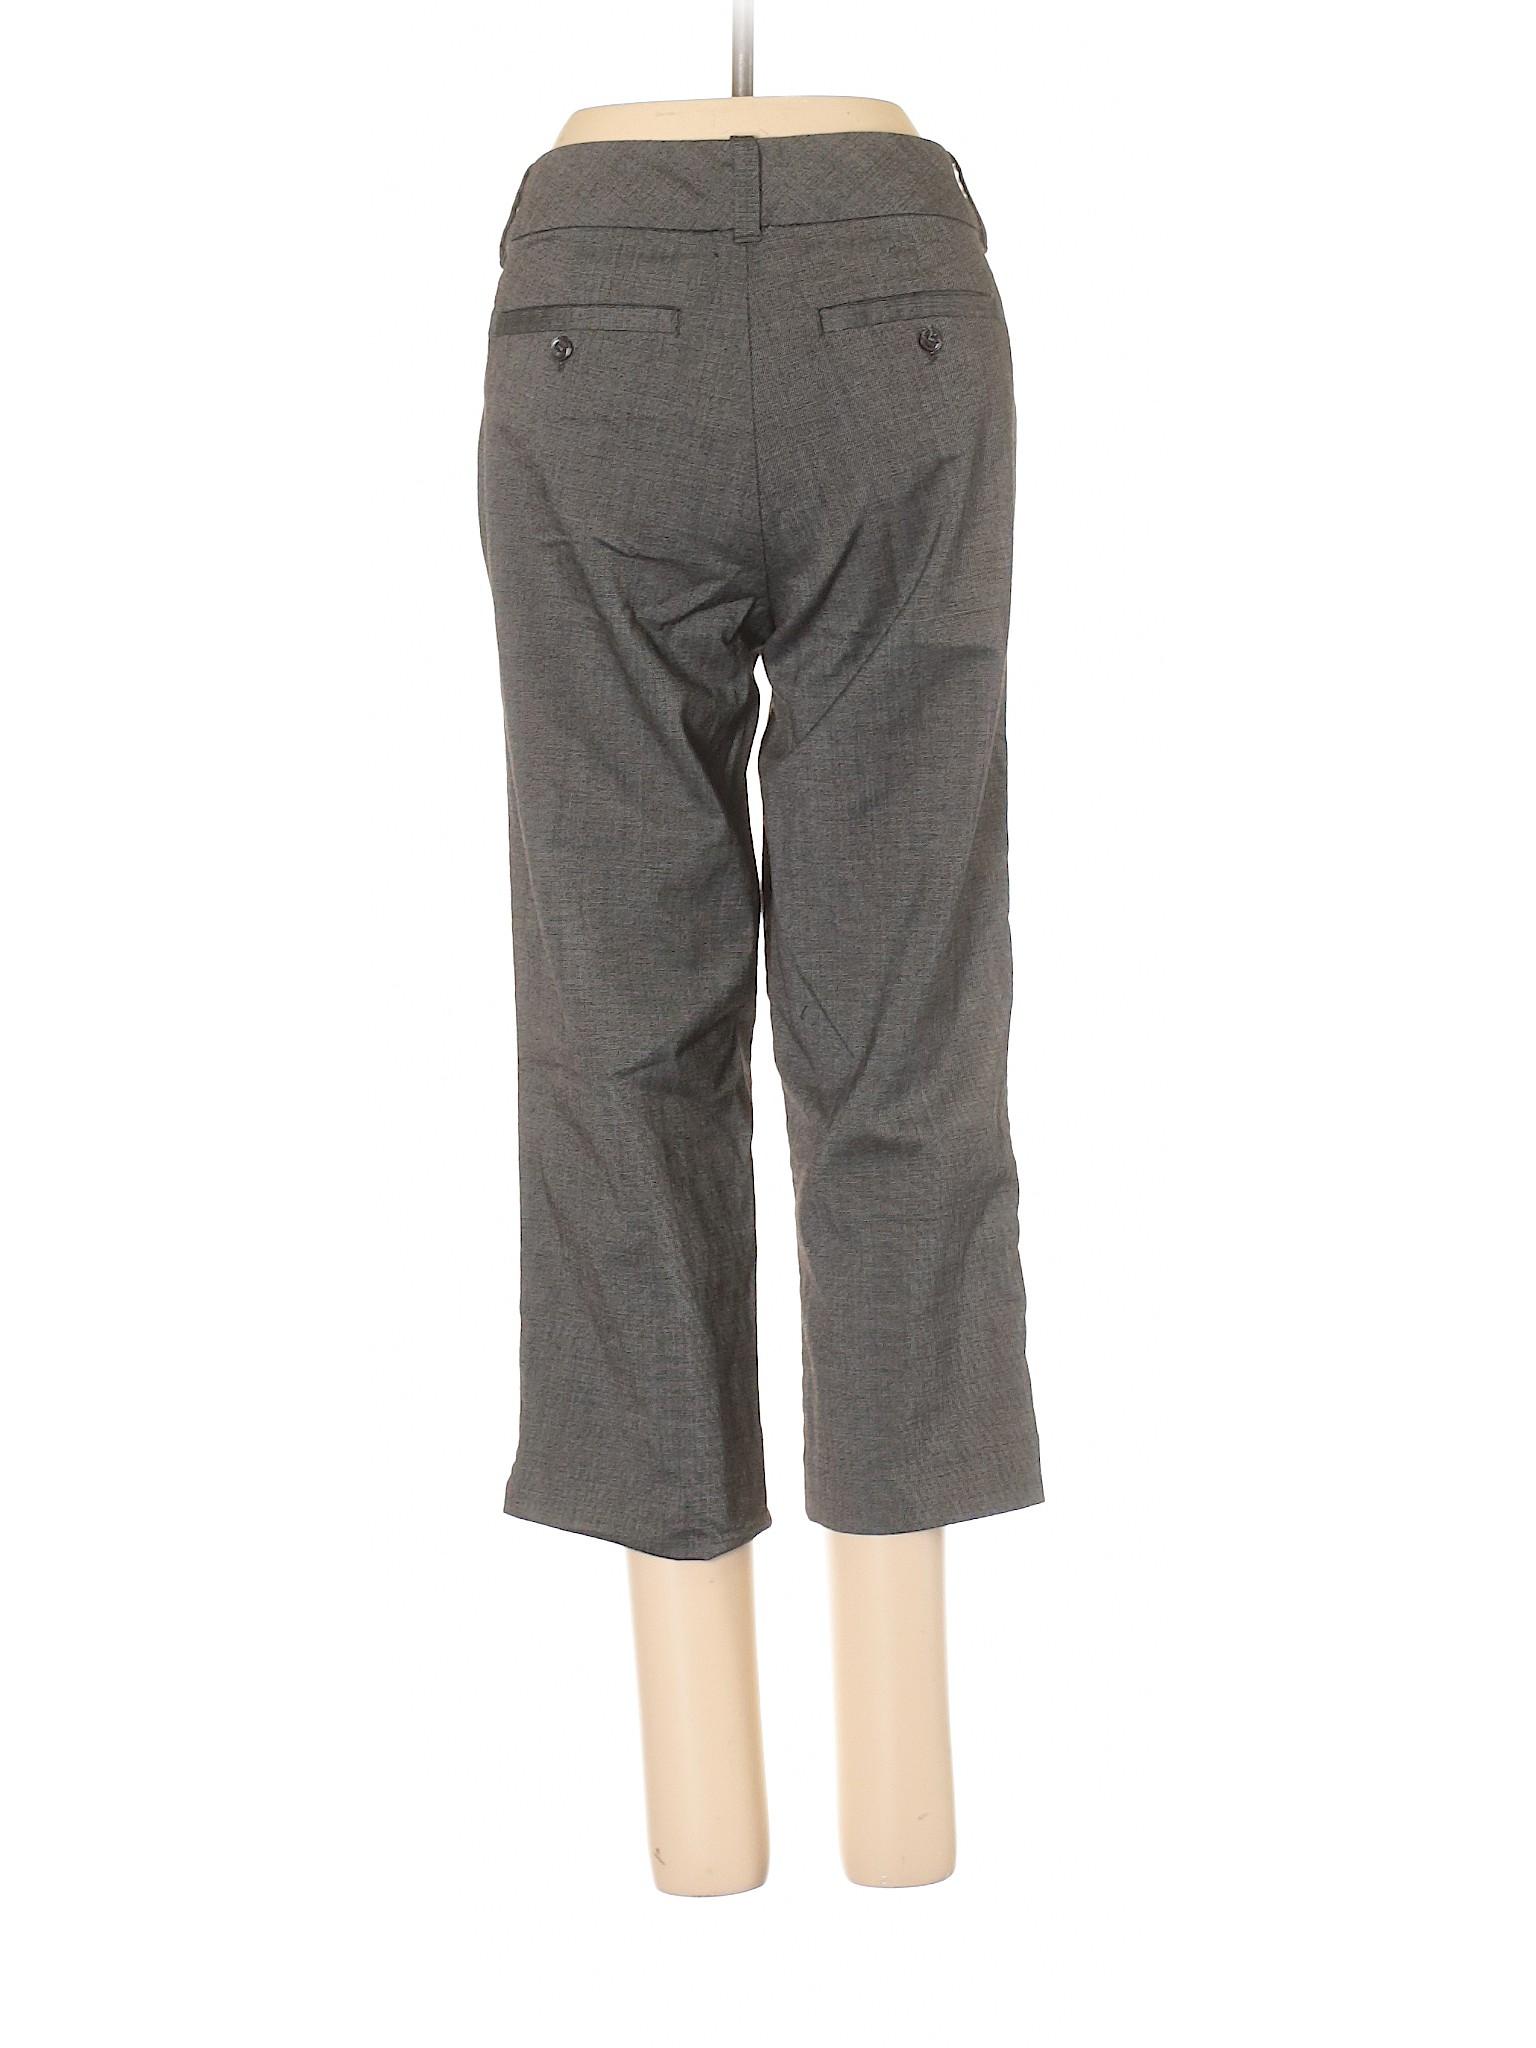 Outlet Pants Gap Boutique Outlet Dress Boutique Pants Dress Pants Dress Boutique Outlet Gap Gap qxfgxB